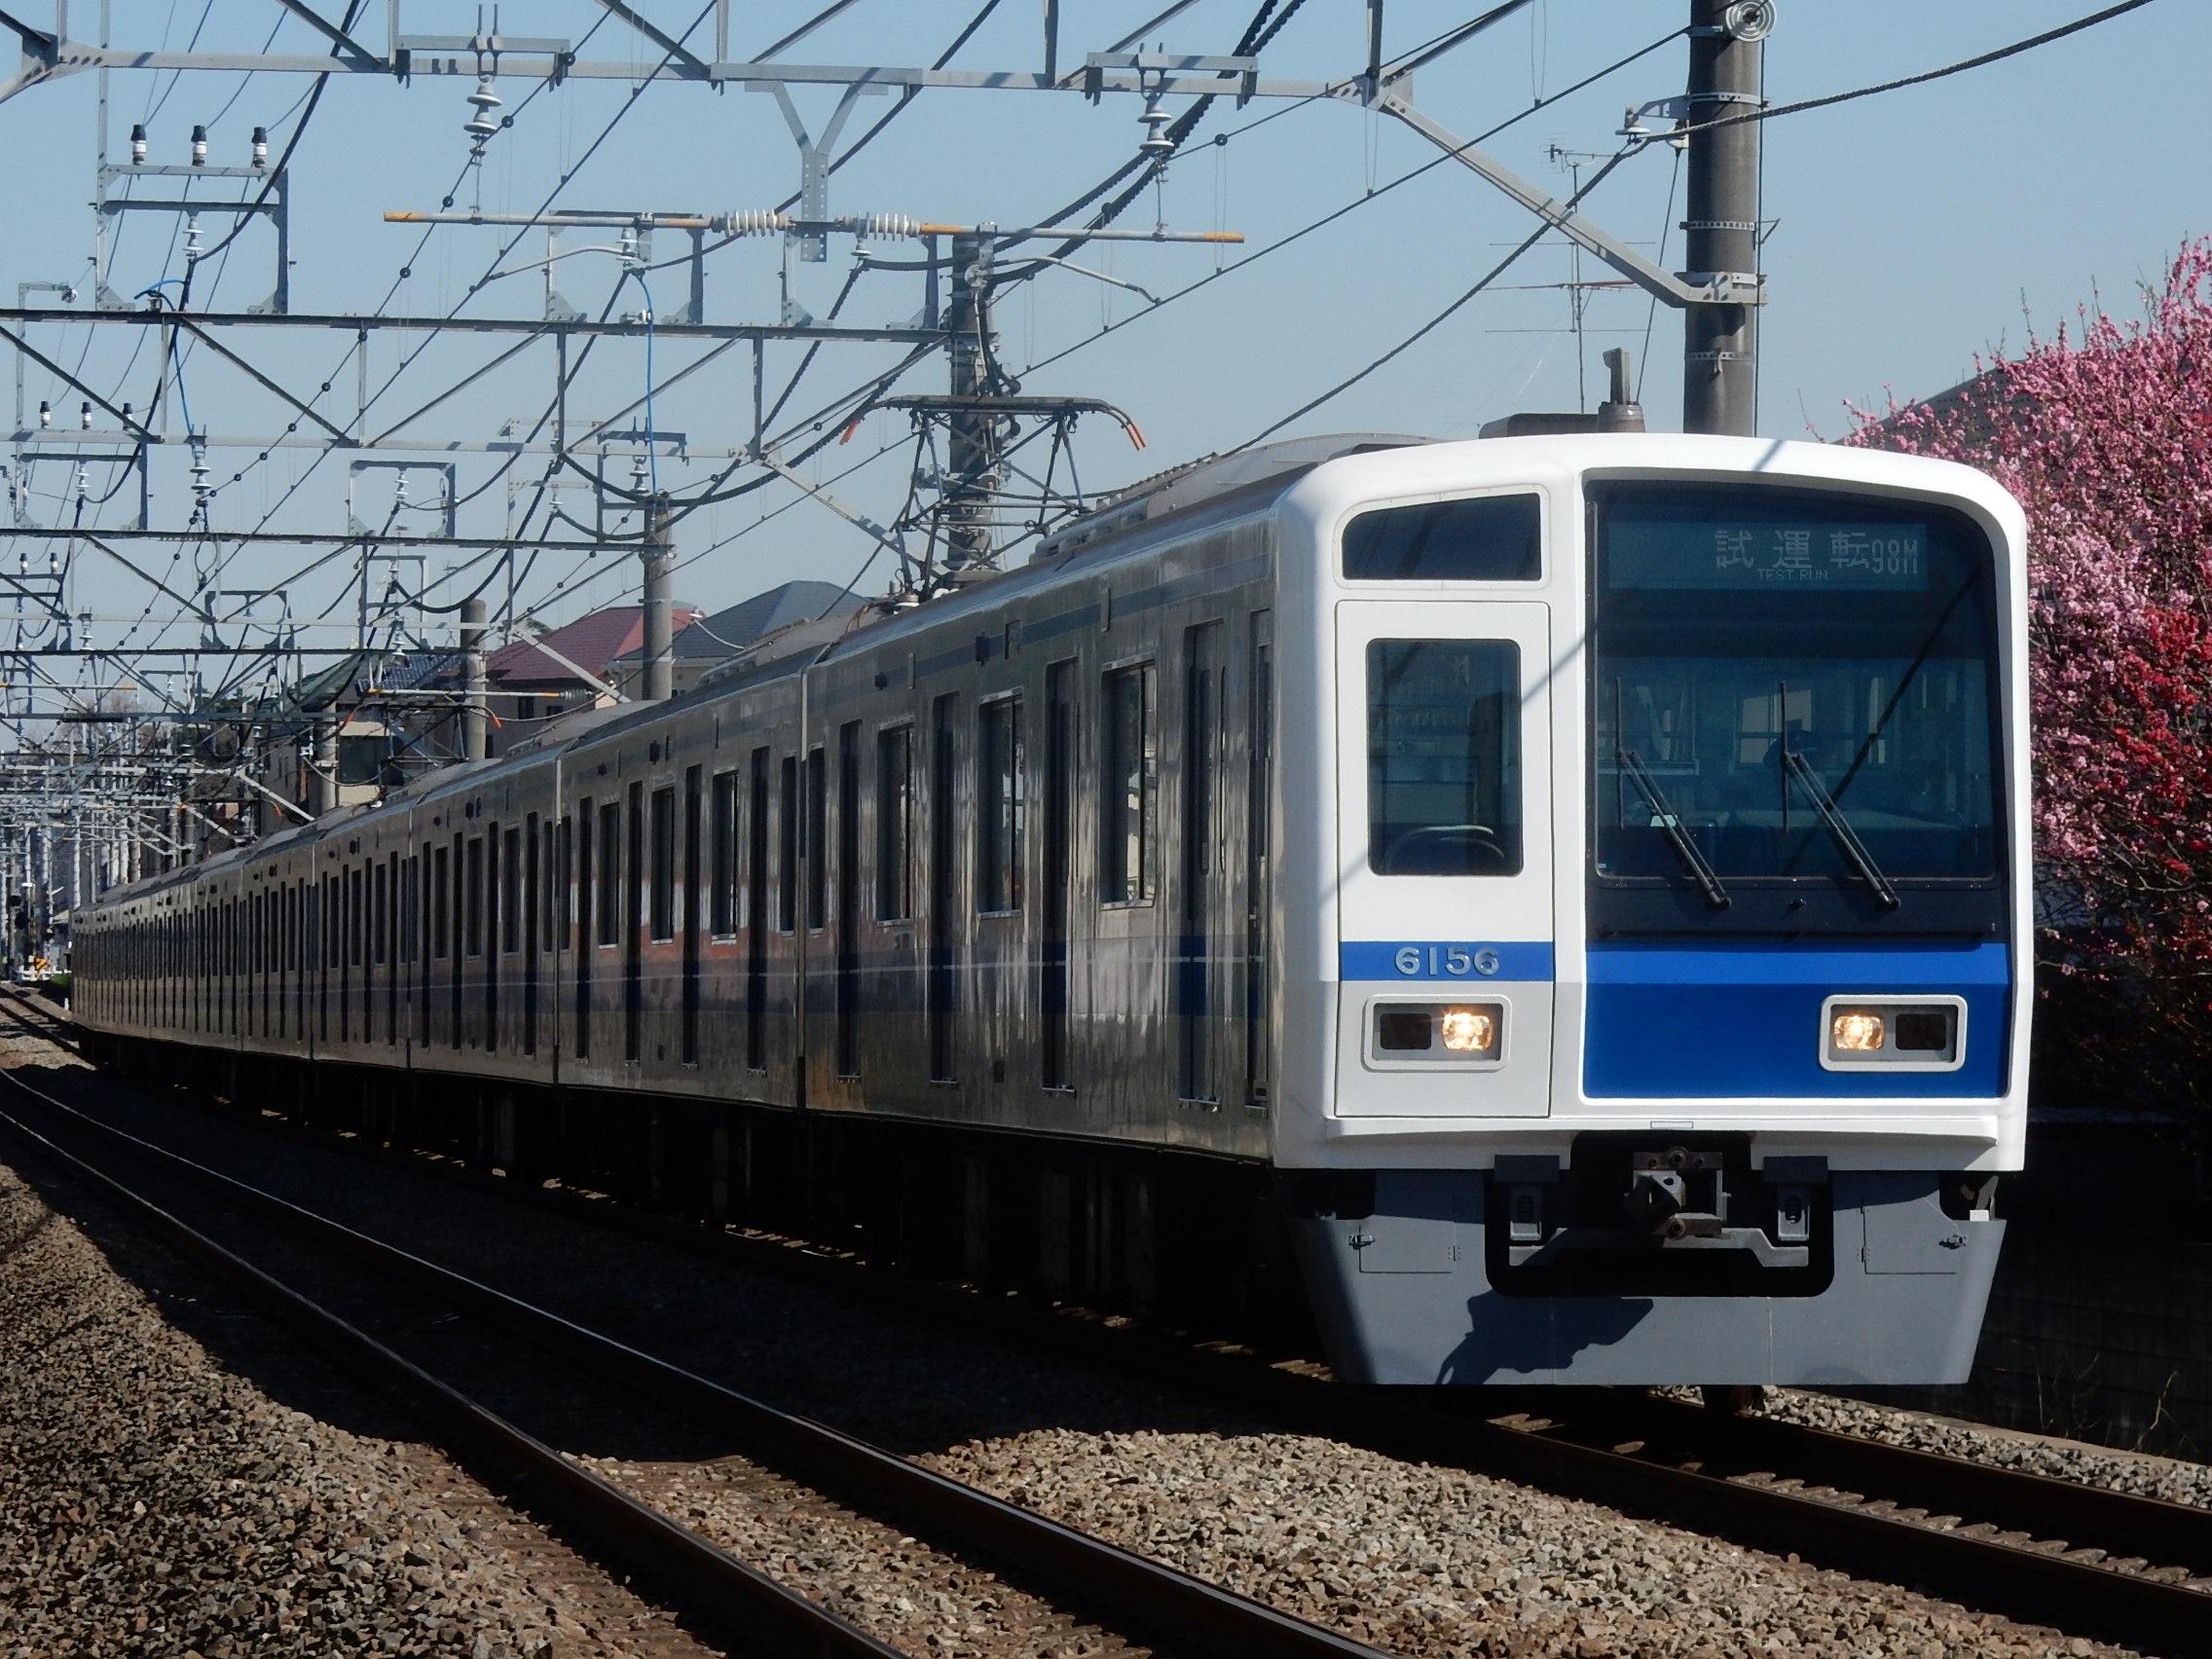 DSCN4917.jpg